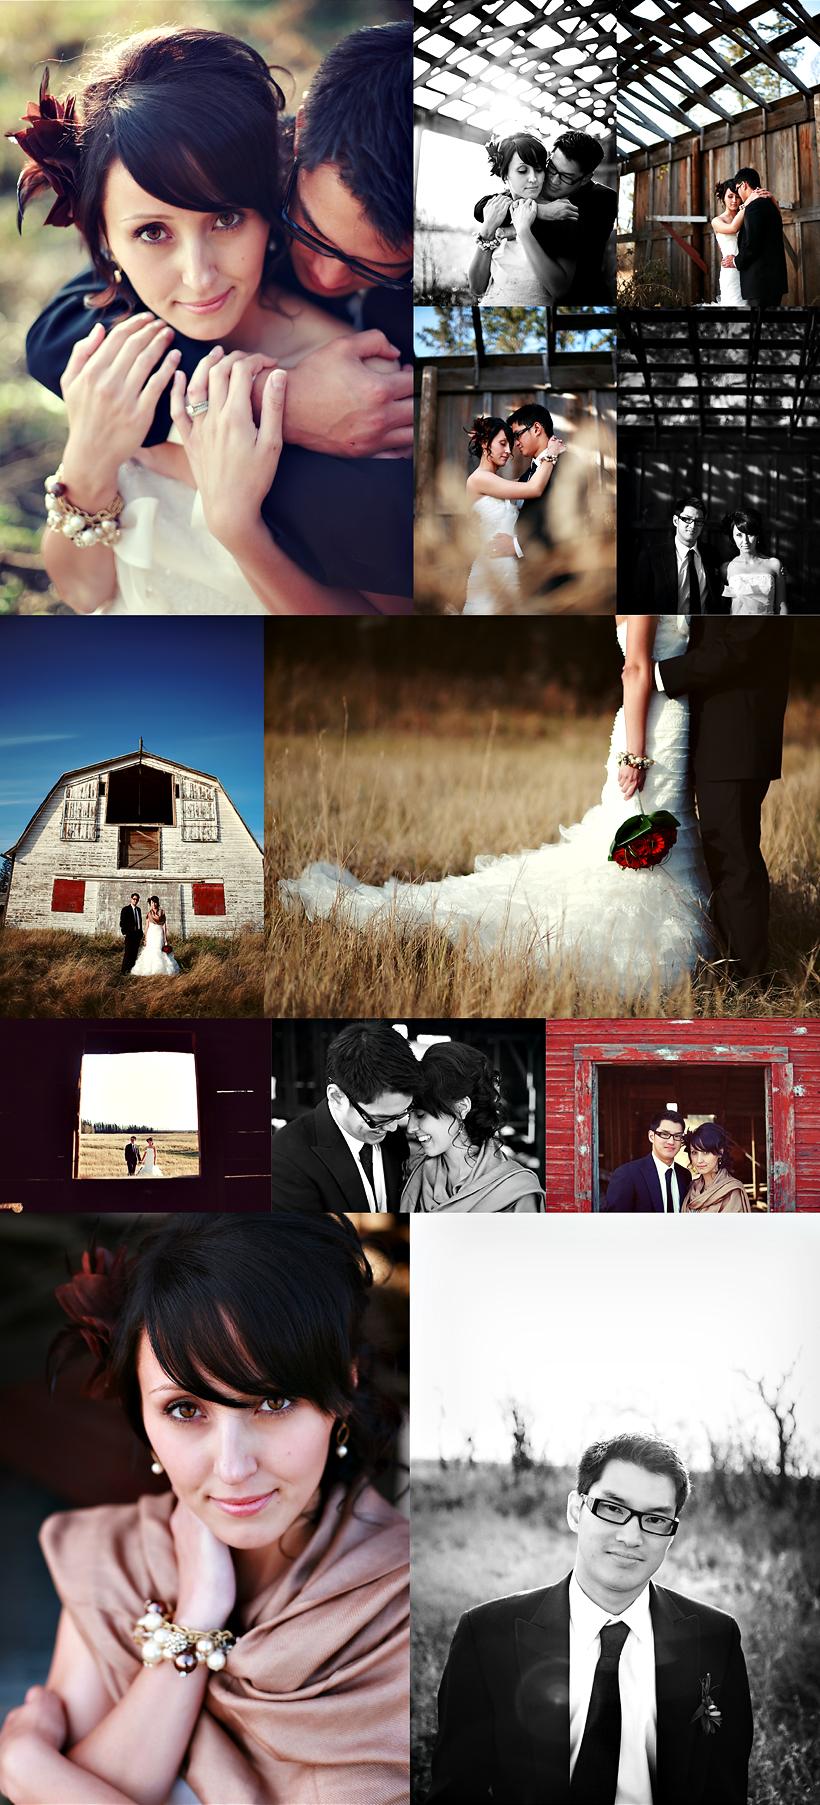 edmonton engagement photography